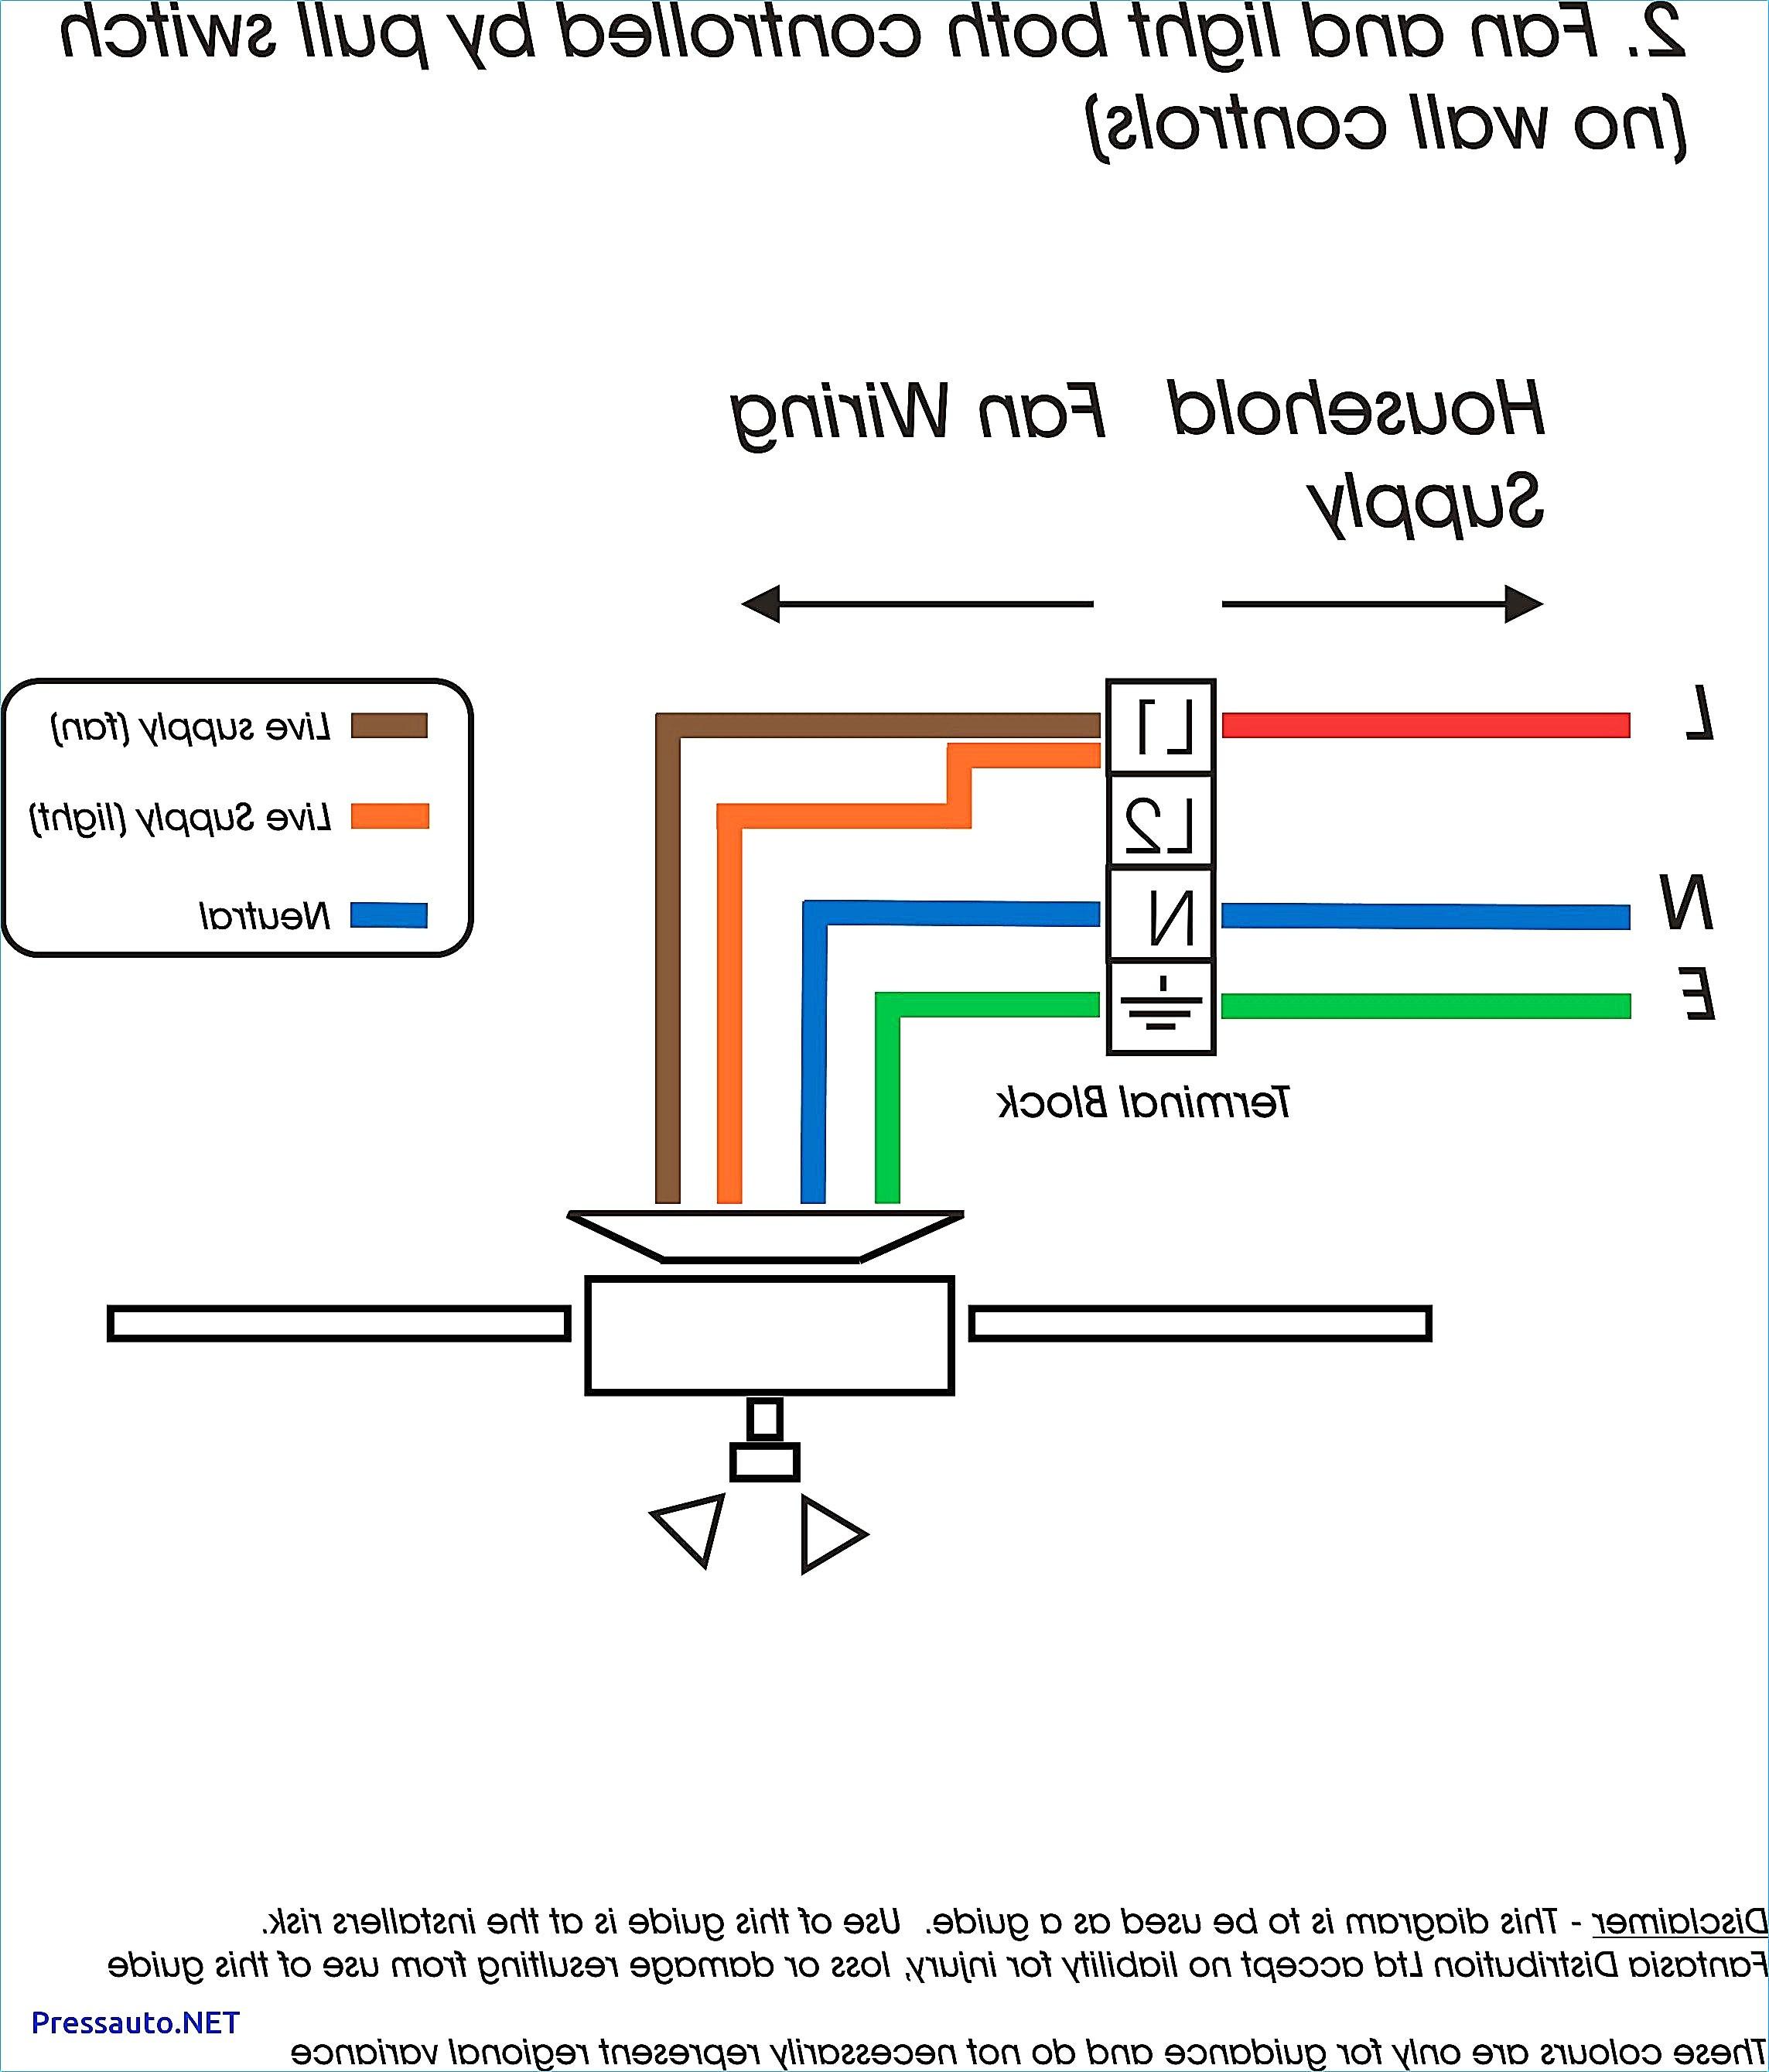 eaton 3 way switch wiring diagram wiring diagram rh visithoustontexas org Meyer Plow Light Wiring Meyer E 60 Wiring Diagram